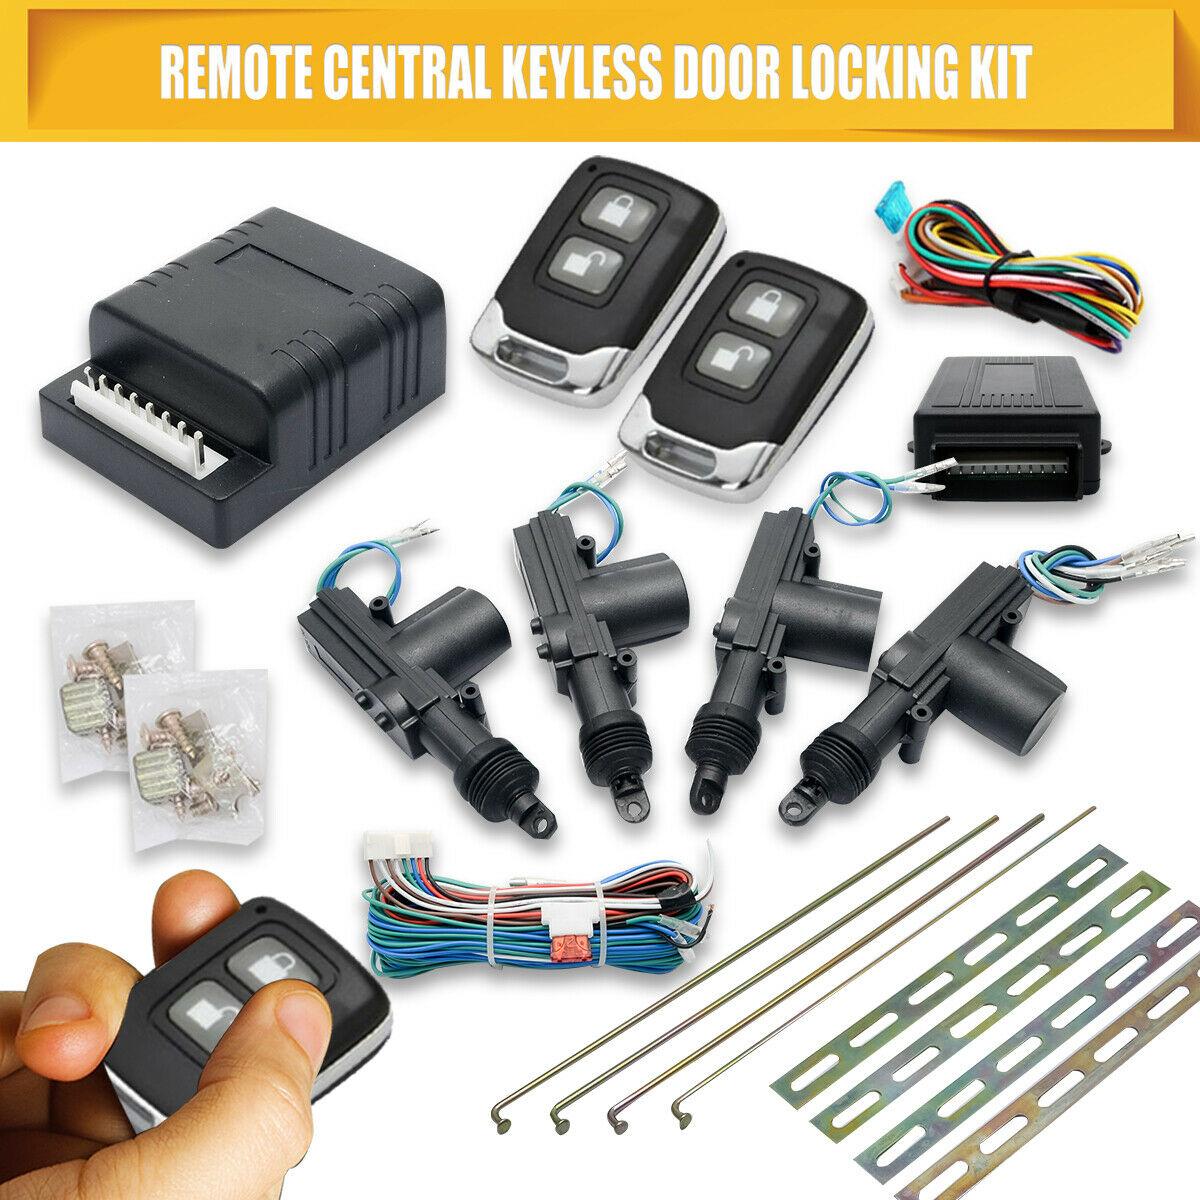 Télécommandes de voiture verrouillage Central de la porte véhicule Kit de système d'entrée sans clé universel UK